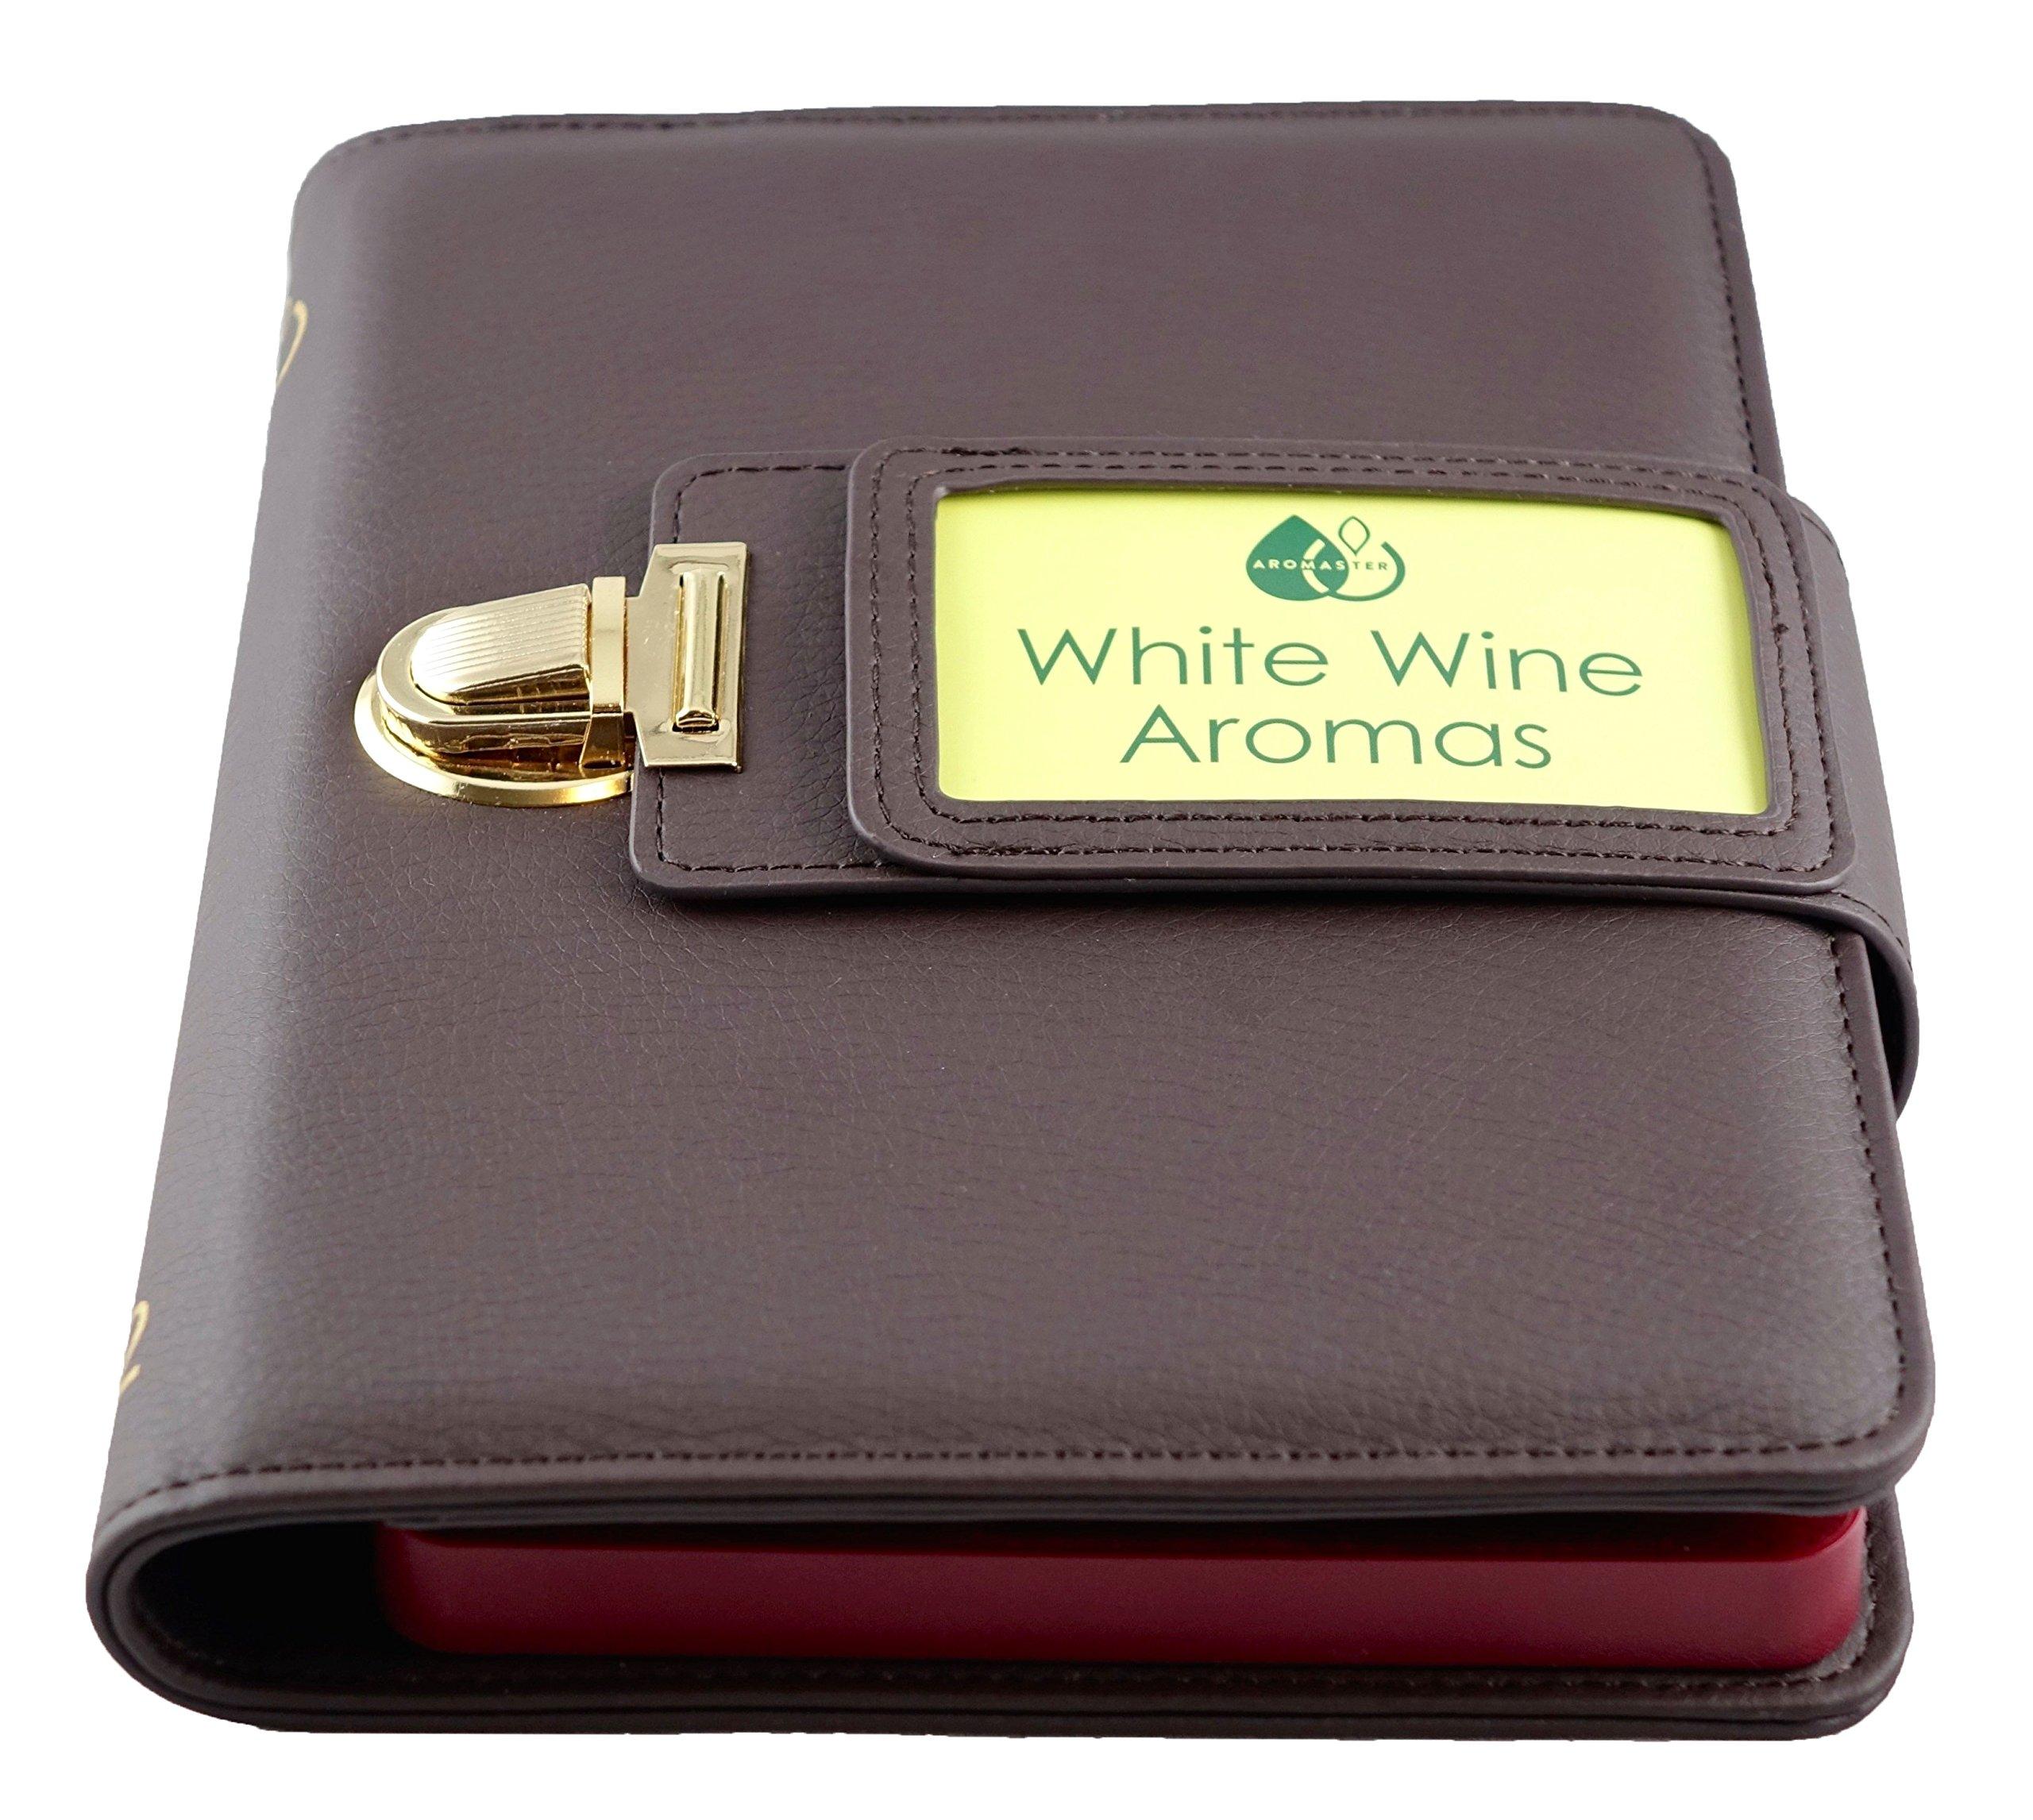 White Wine Aroma Kit - 12 Aromas (incl. Wine Aroma Wheel)